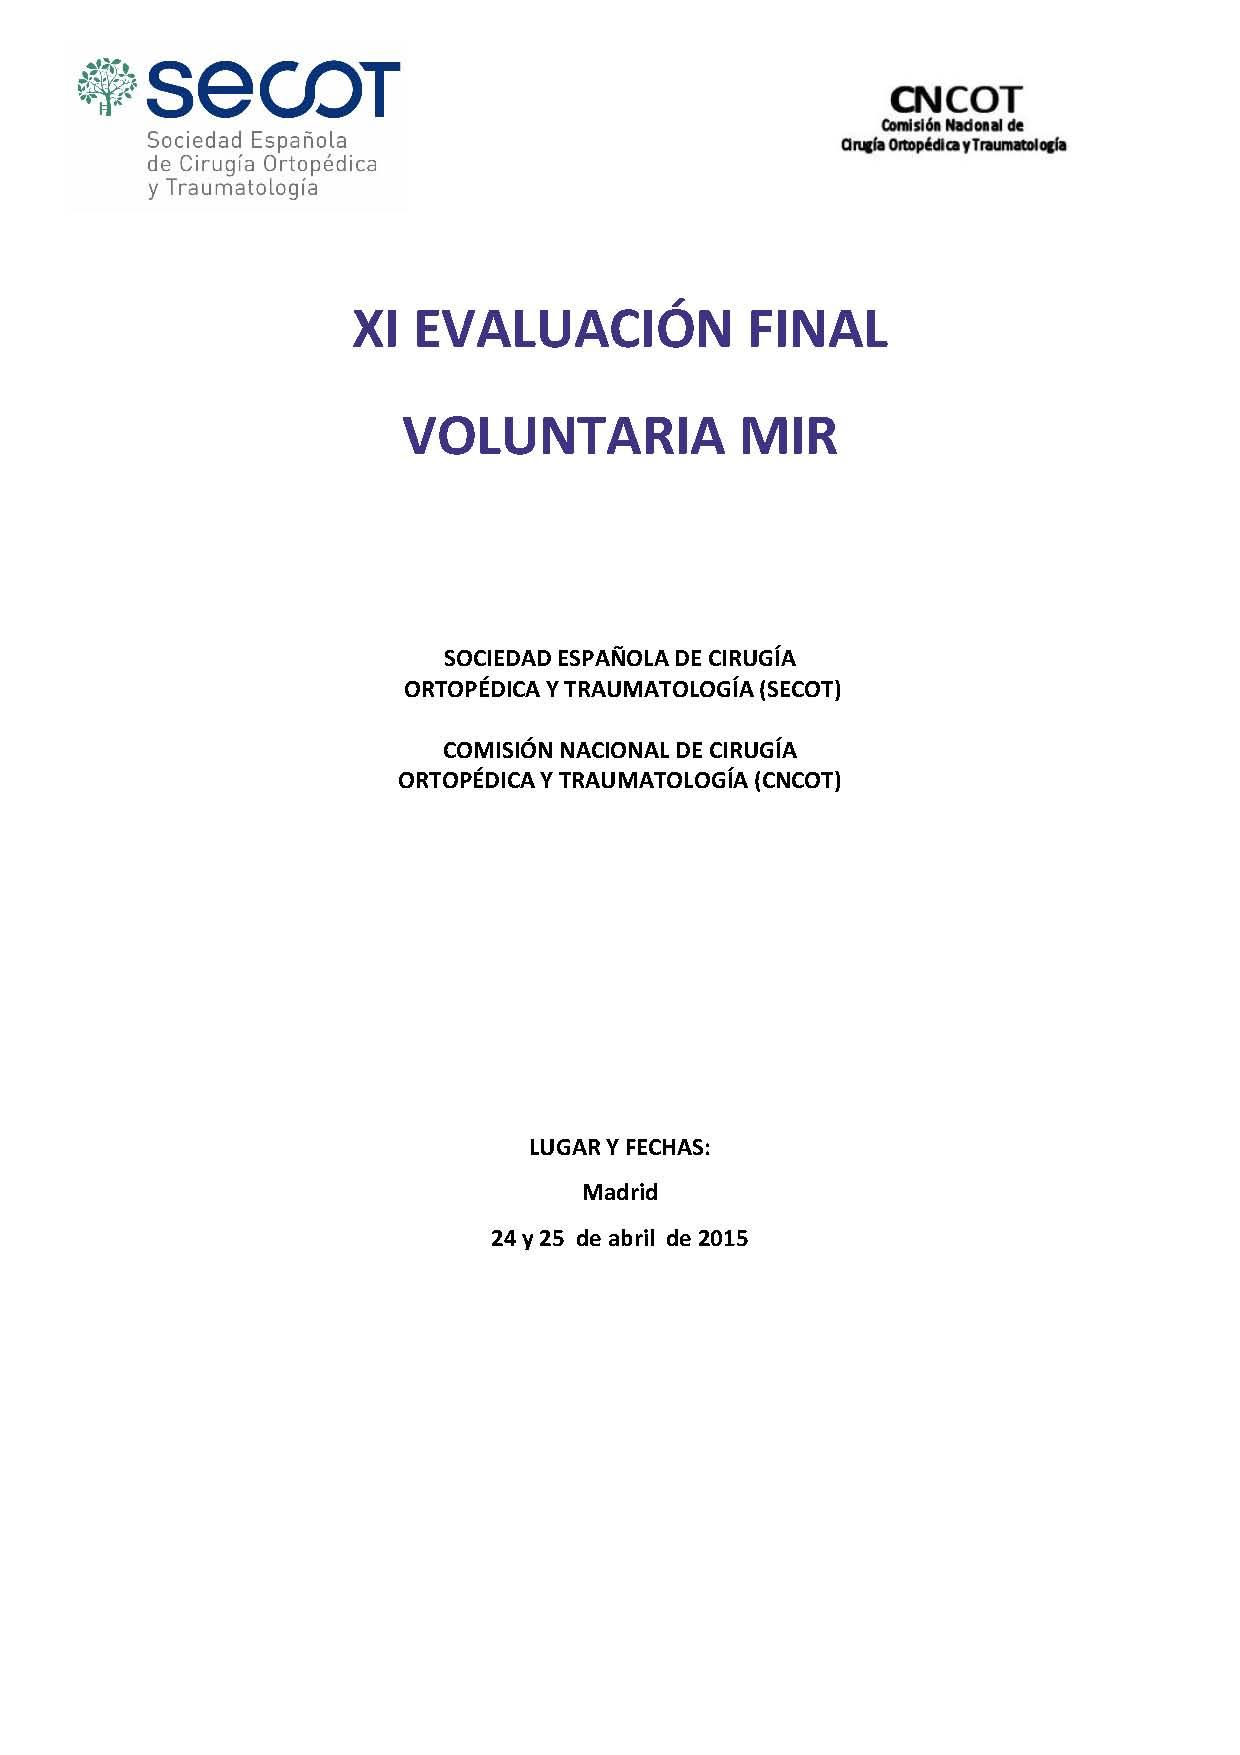 XI Evaluación Final MIR